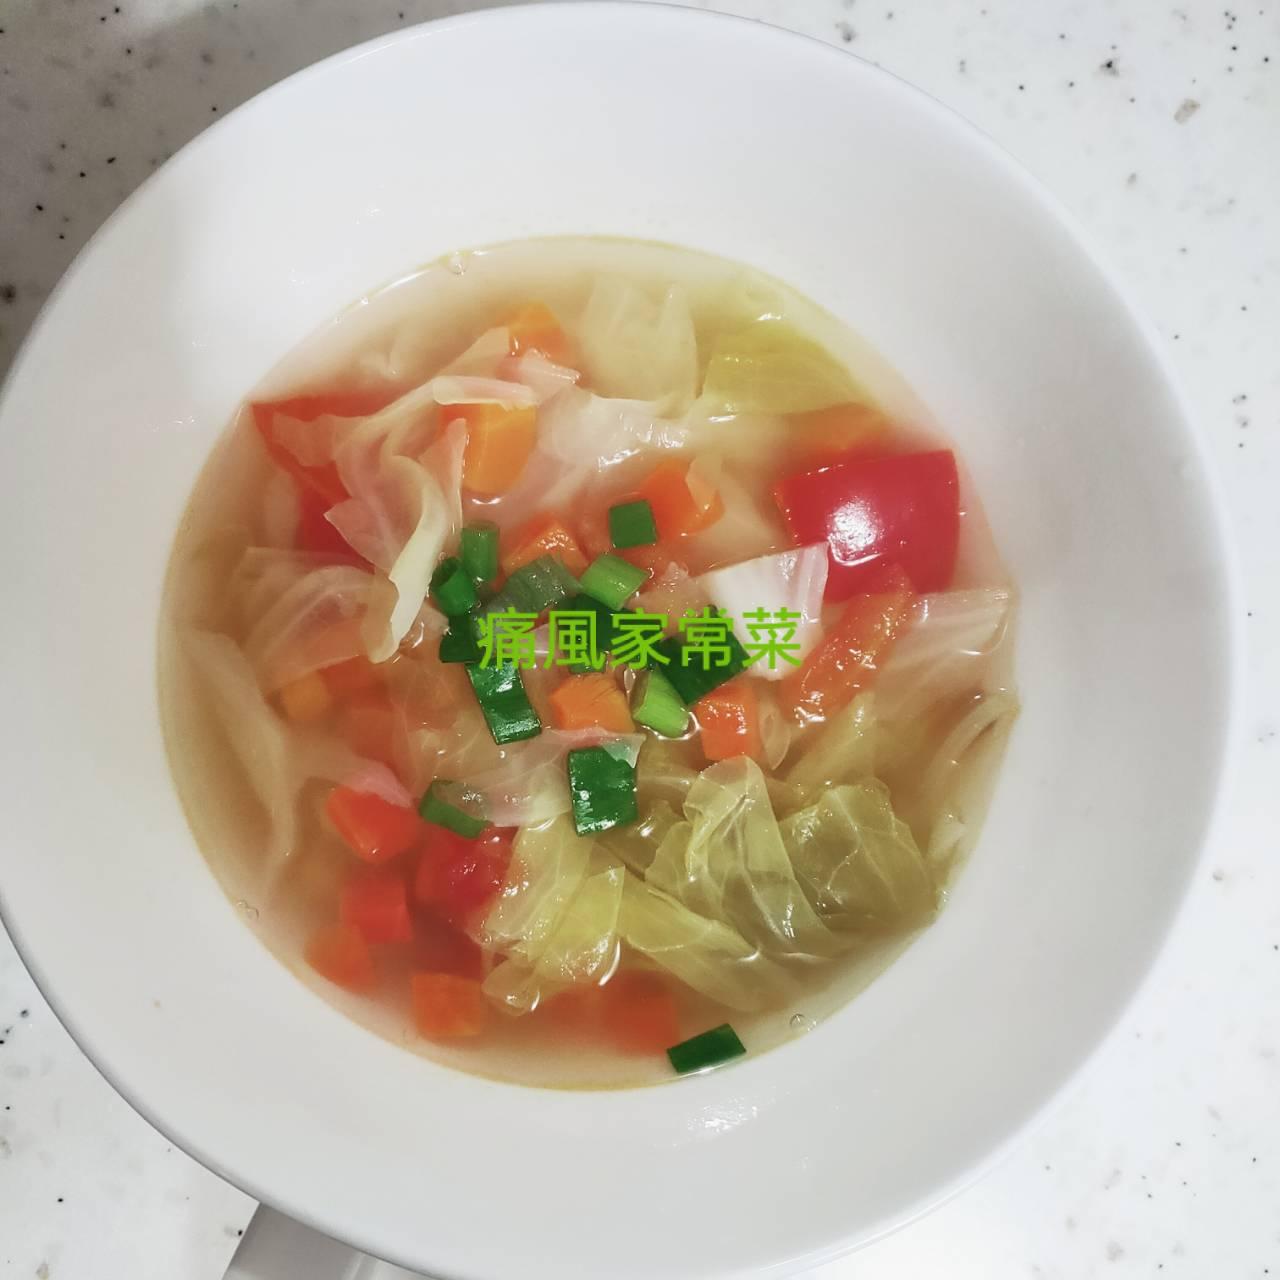 01蕃茄鮮蔬湯︱低卡低普林,天然腸胃藥︱適合痛風朋友平日保養